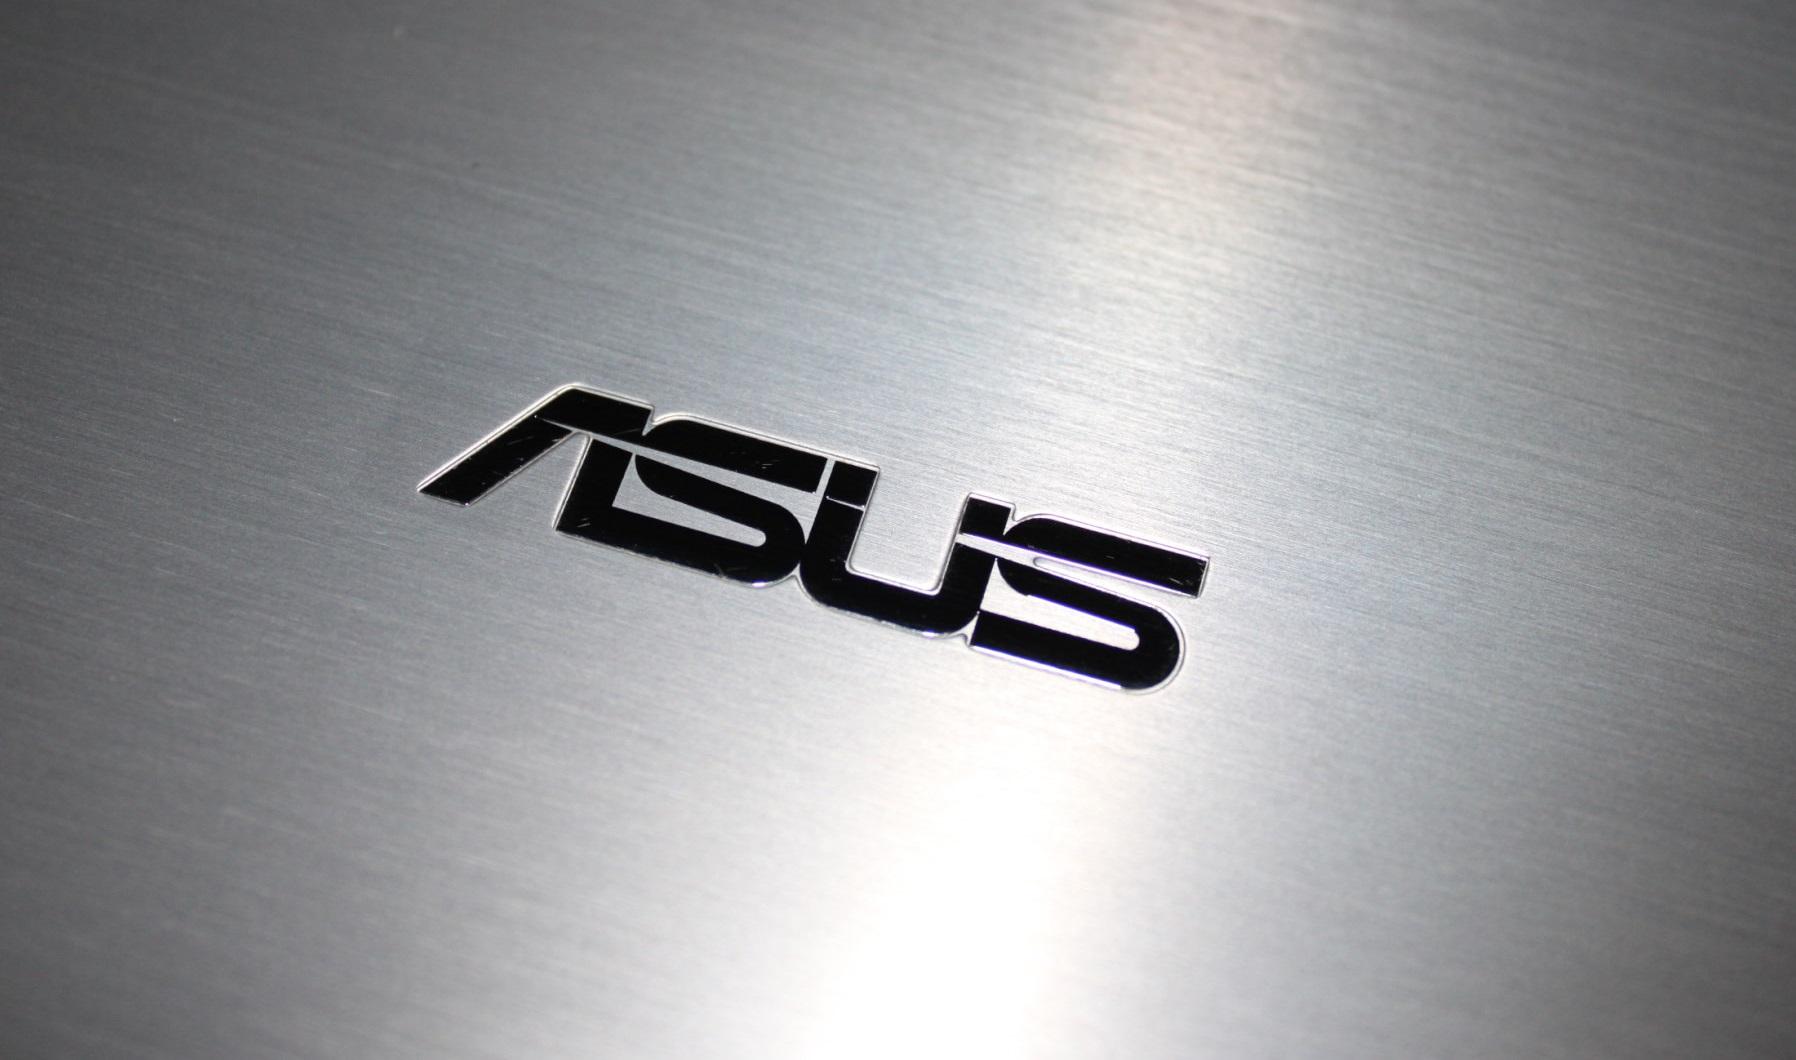 Asus simplifie son offre, il n'y aura plus que des ZenPad à l'avenir